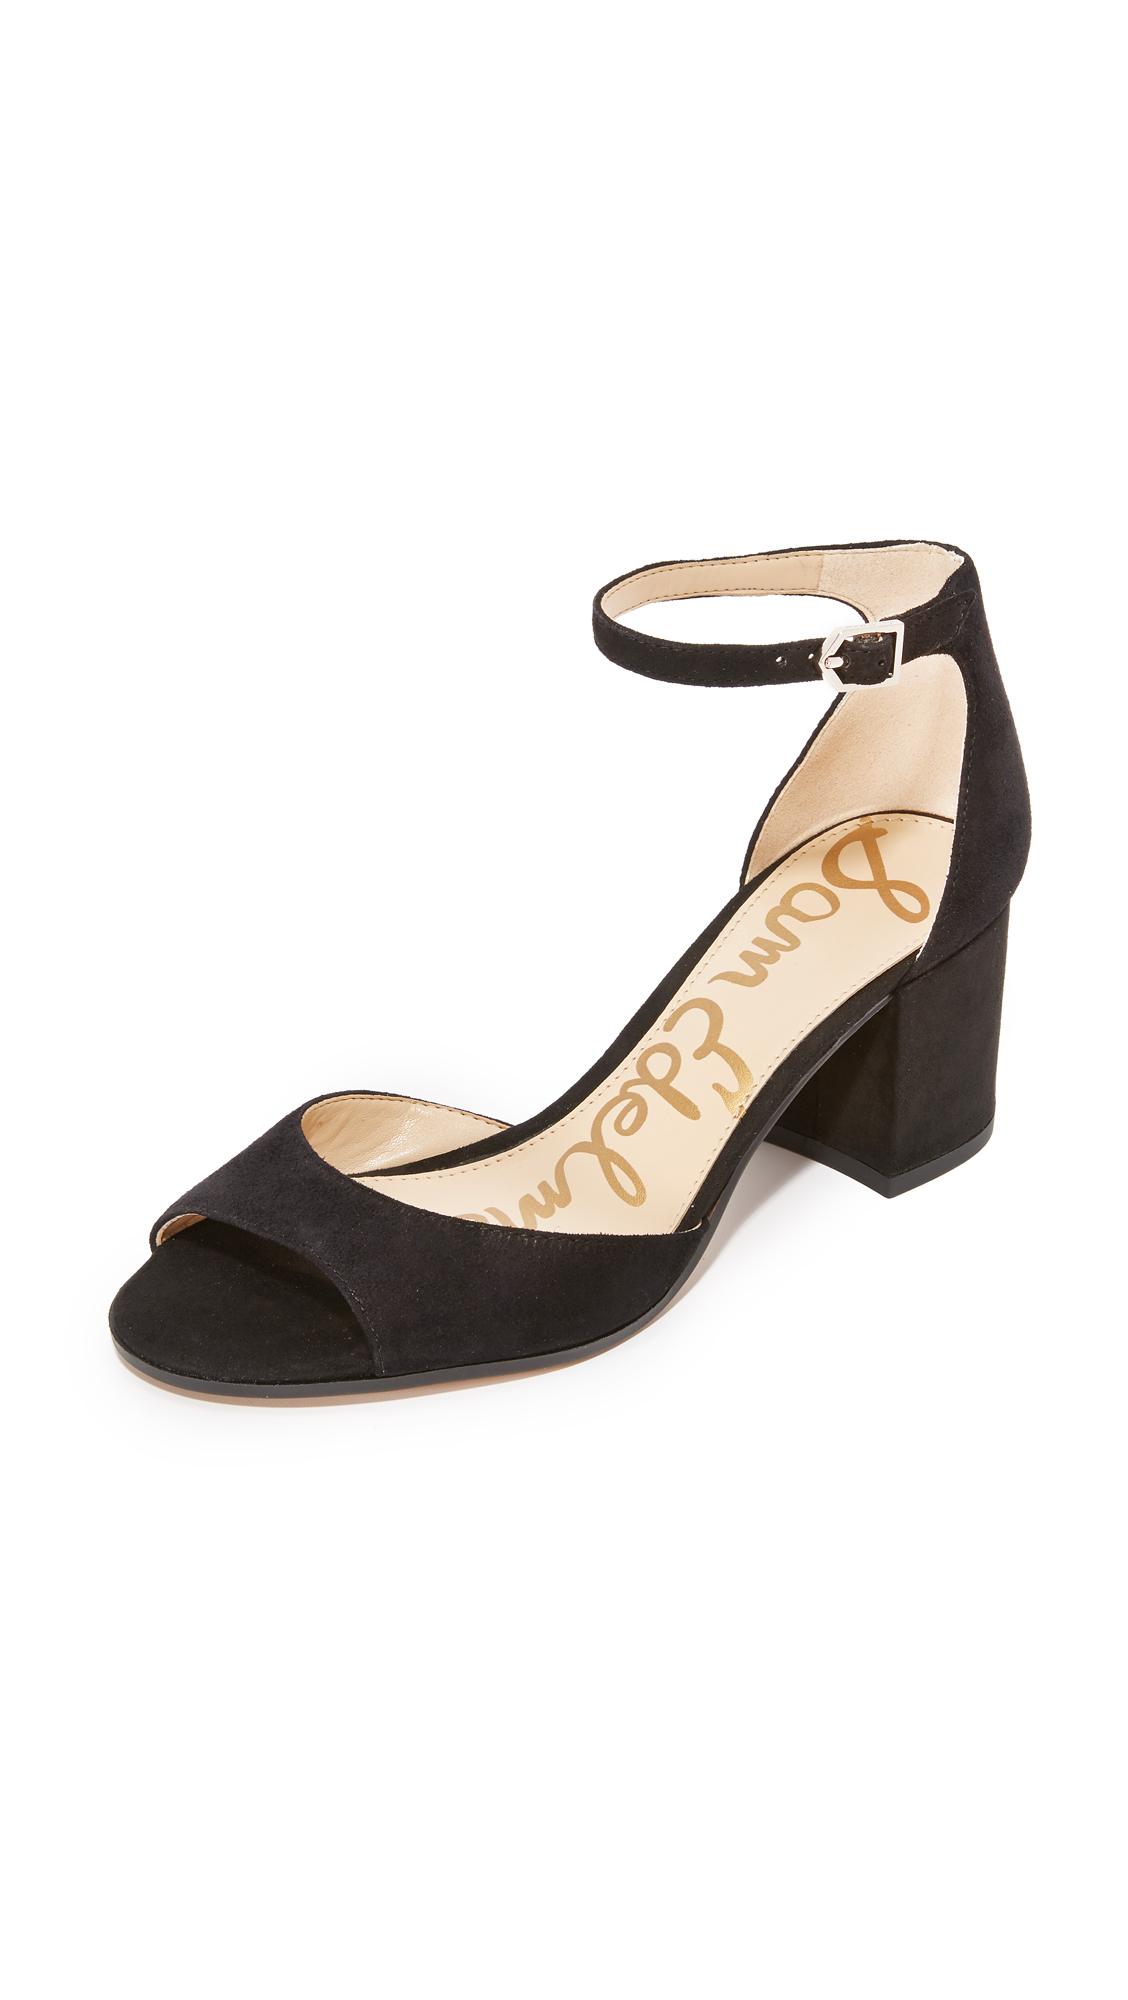 Sam Edelman Susie City Sandals Save 1 Lyst